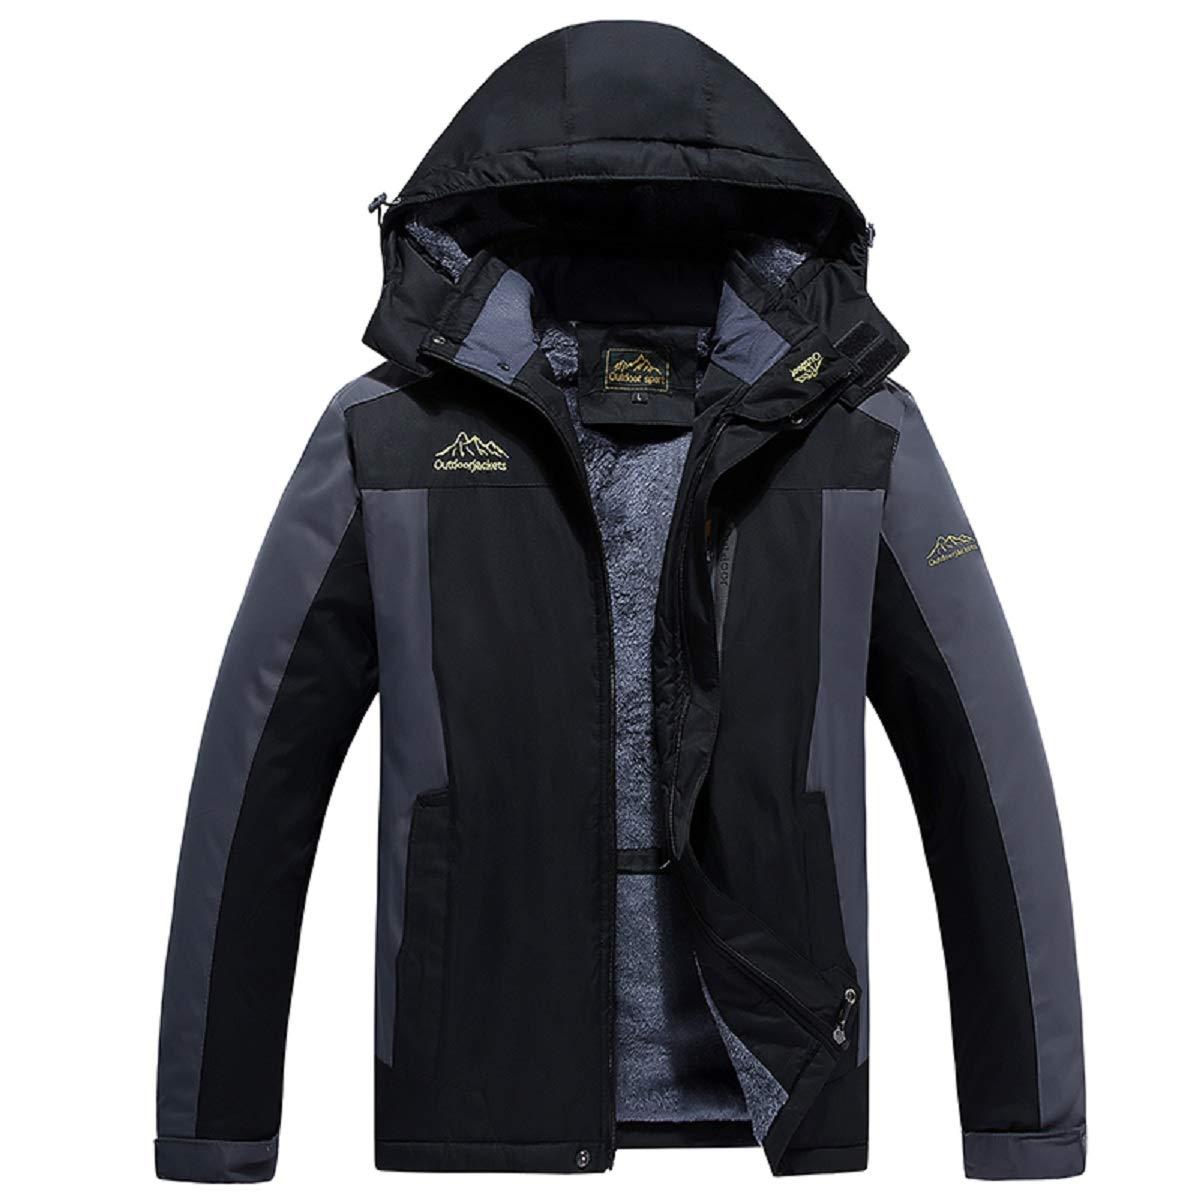 Vadoo Mens Waterproof Jacket Fleece Windproof Ski Multi Jaket Silver Misty Pockets Plus Size Xl 9xl Clothing